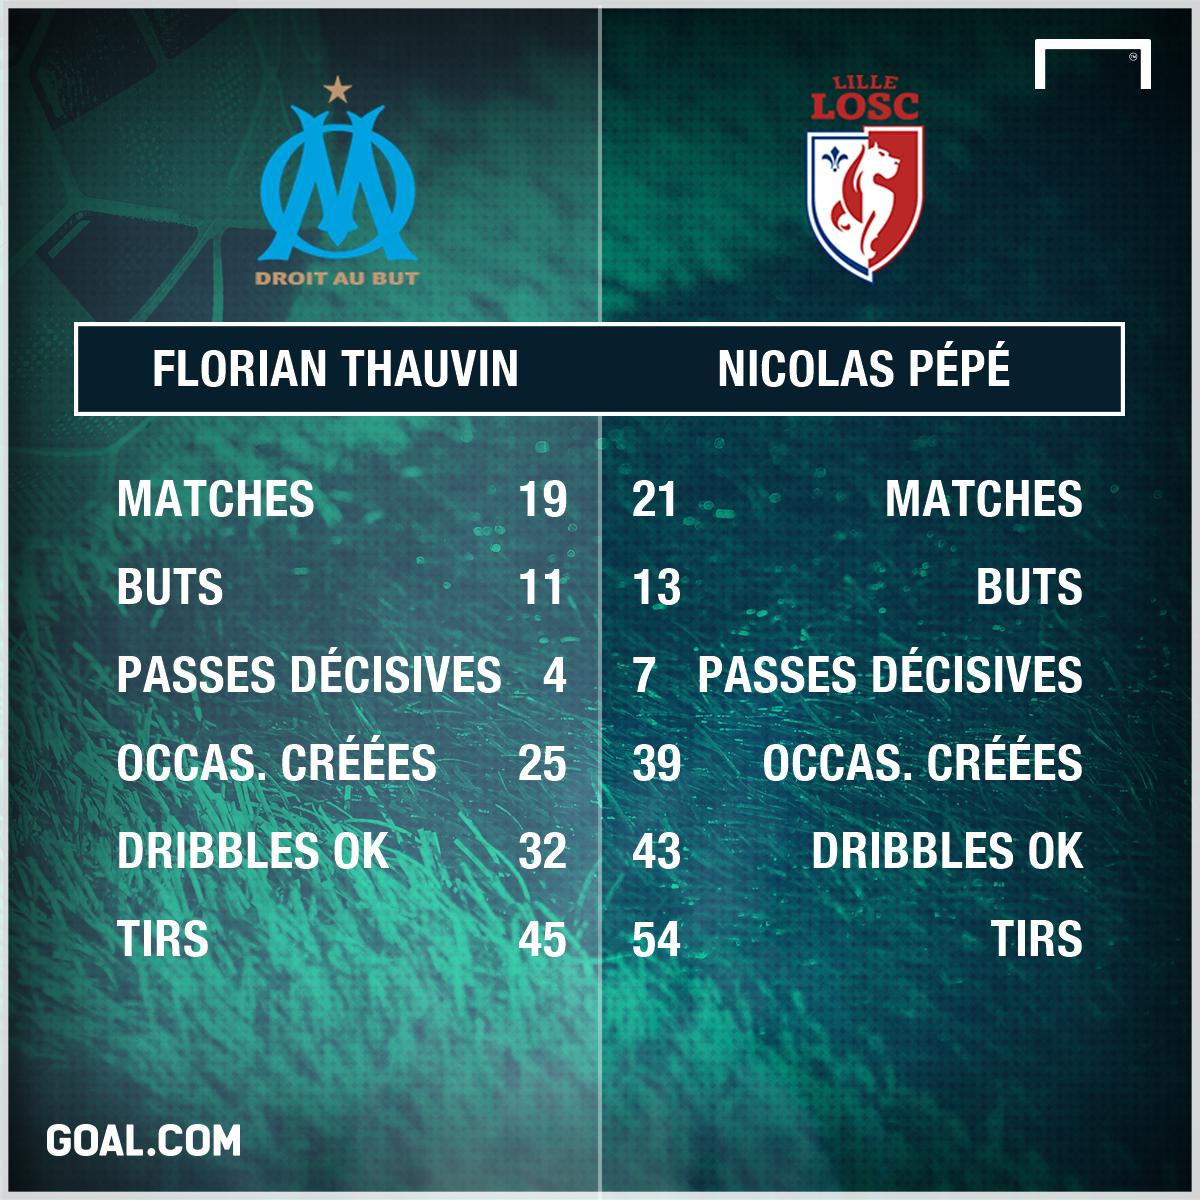 PS Thauvin vs Pépé